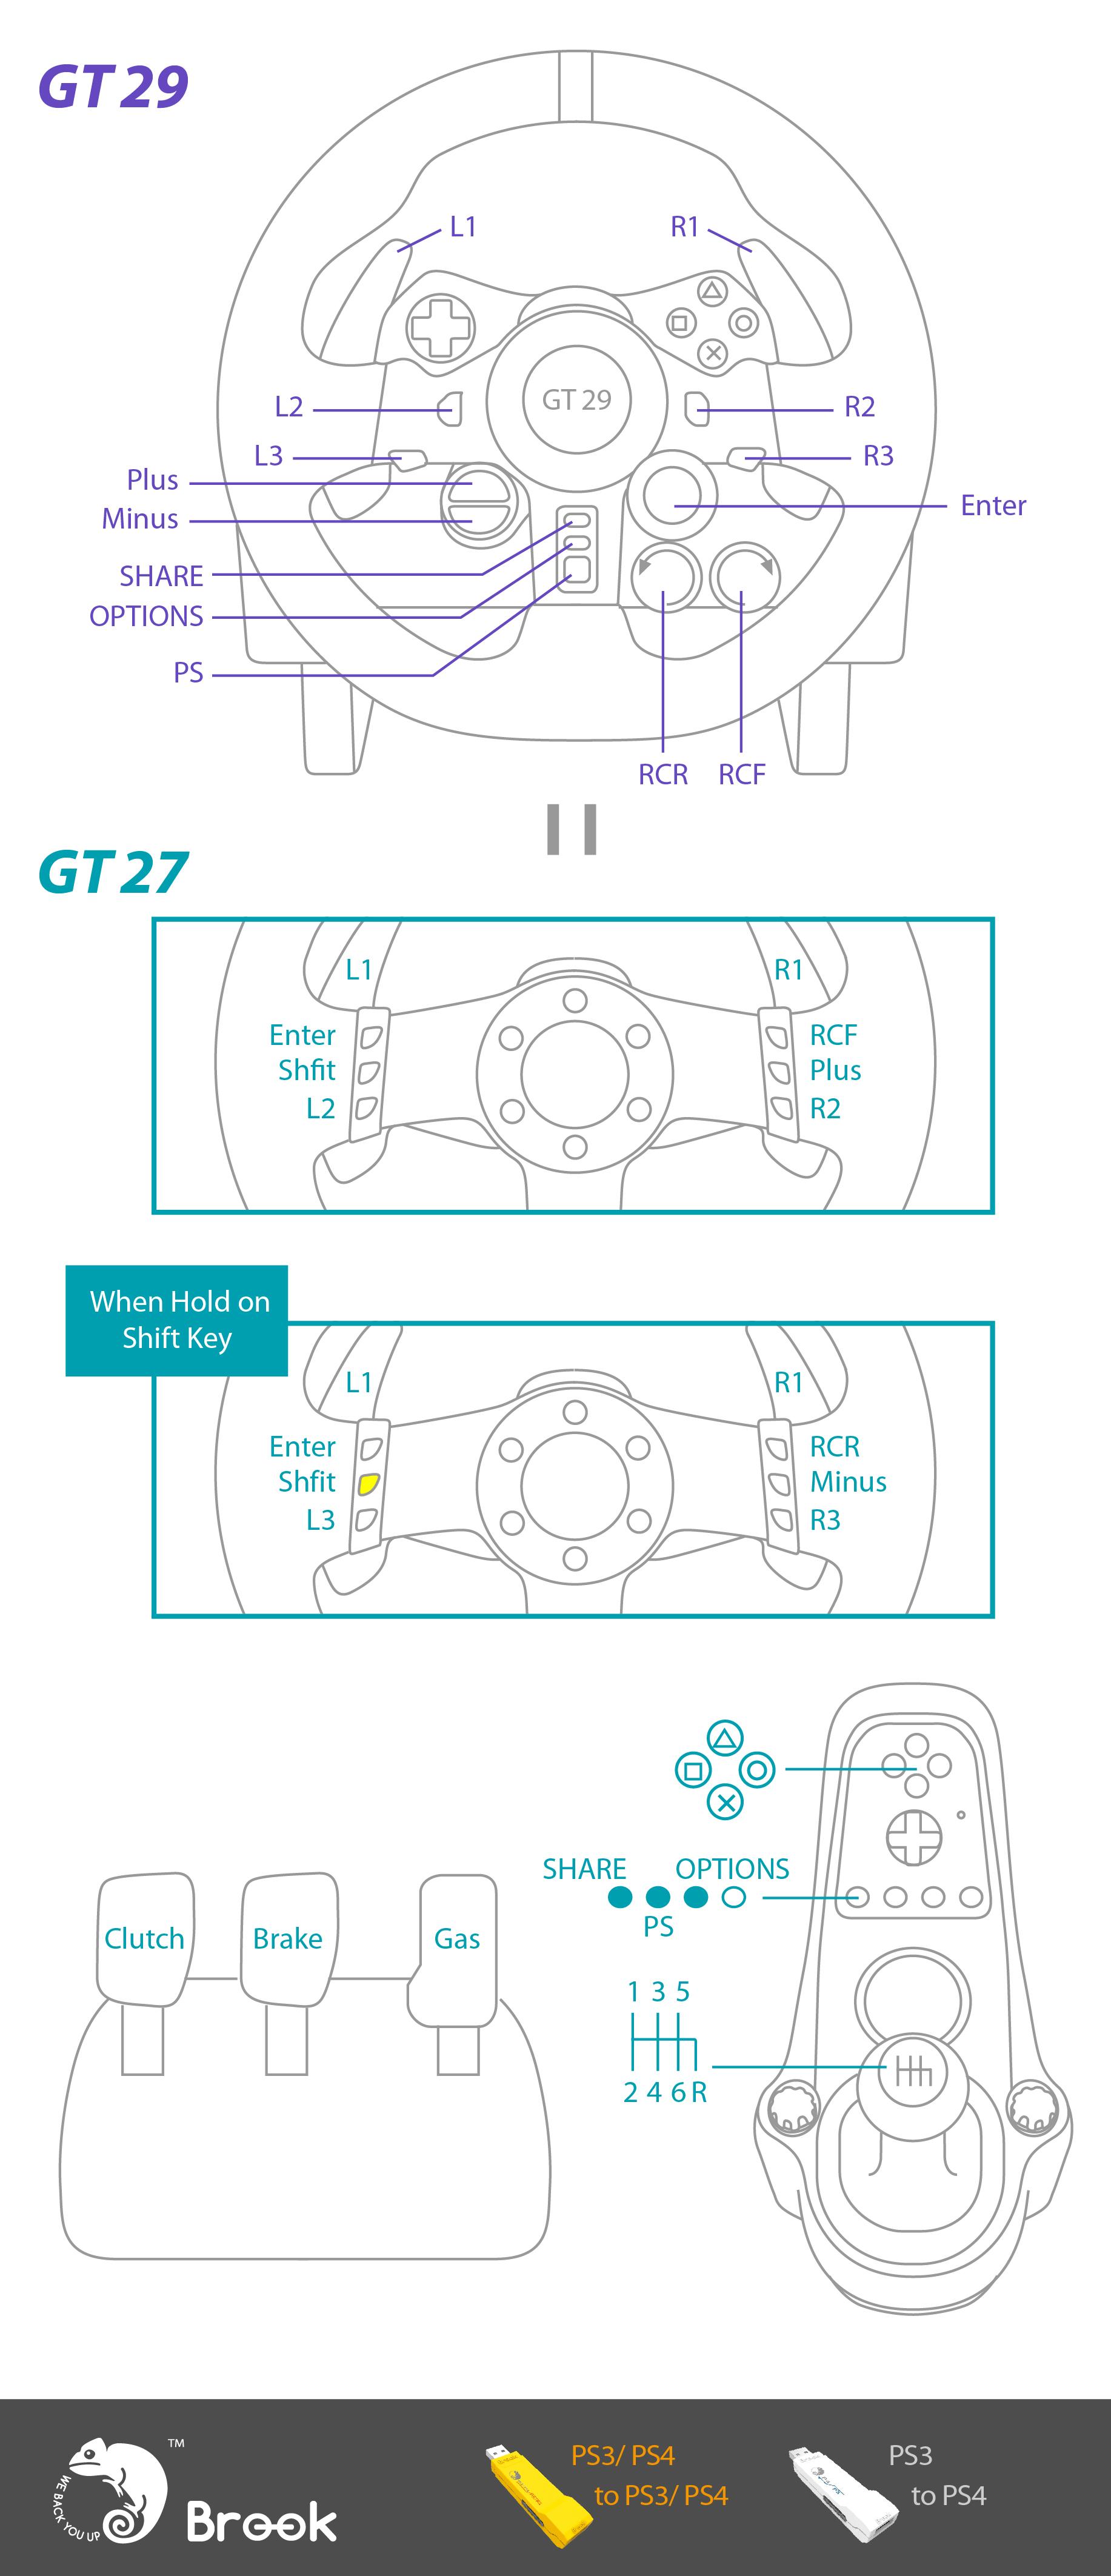 gt29-gt27.jpg